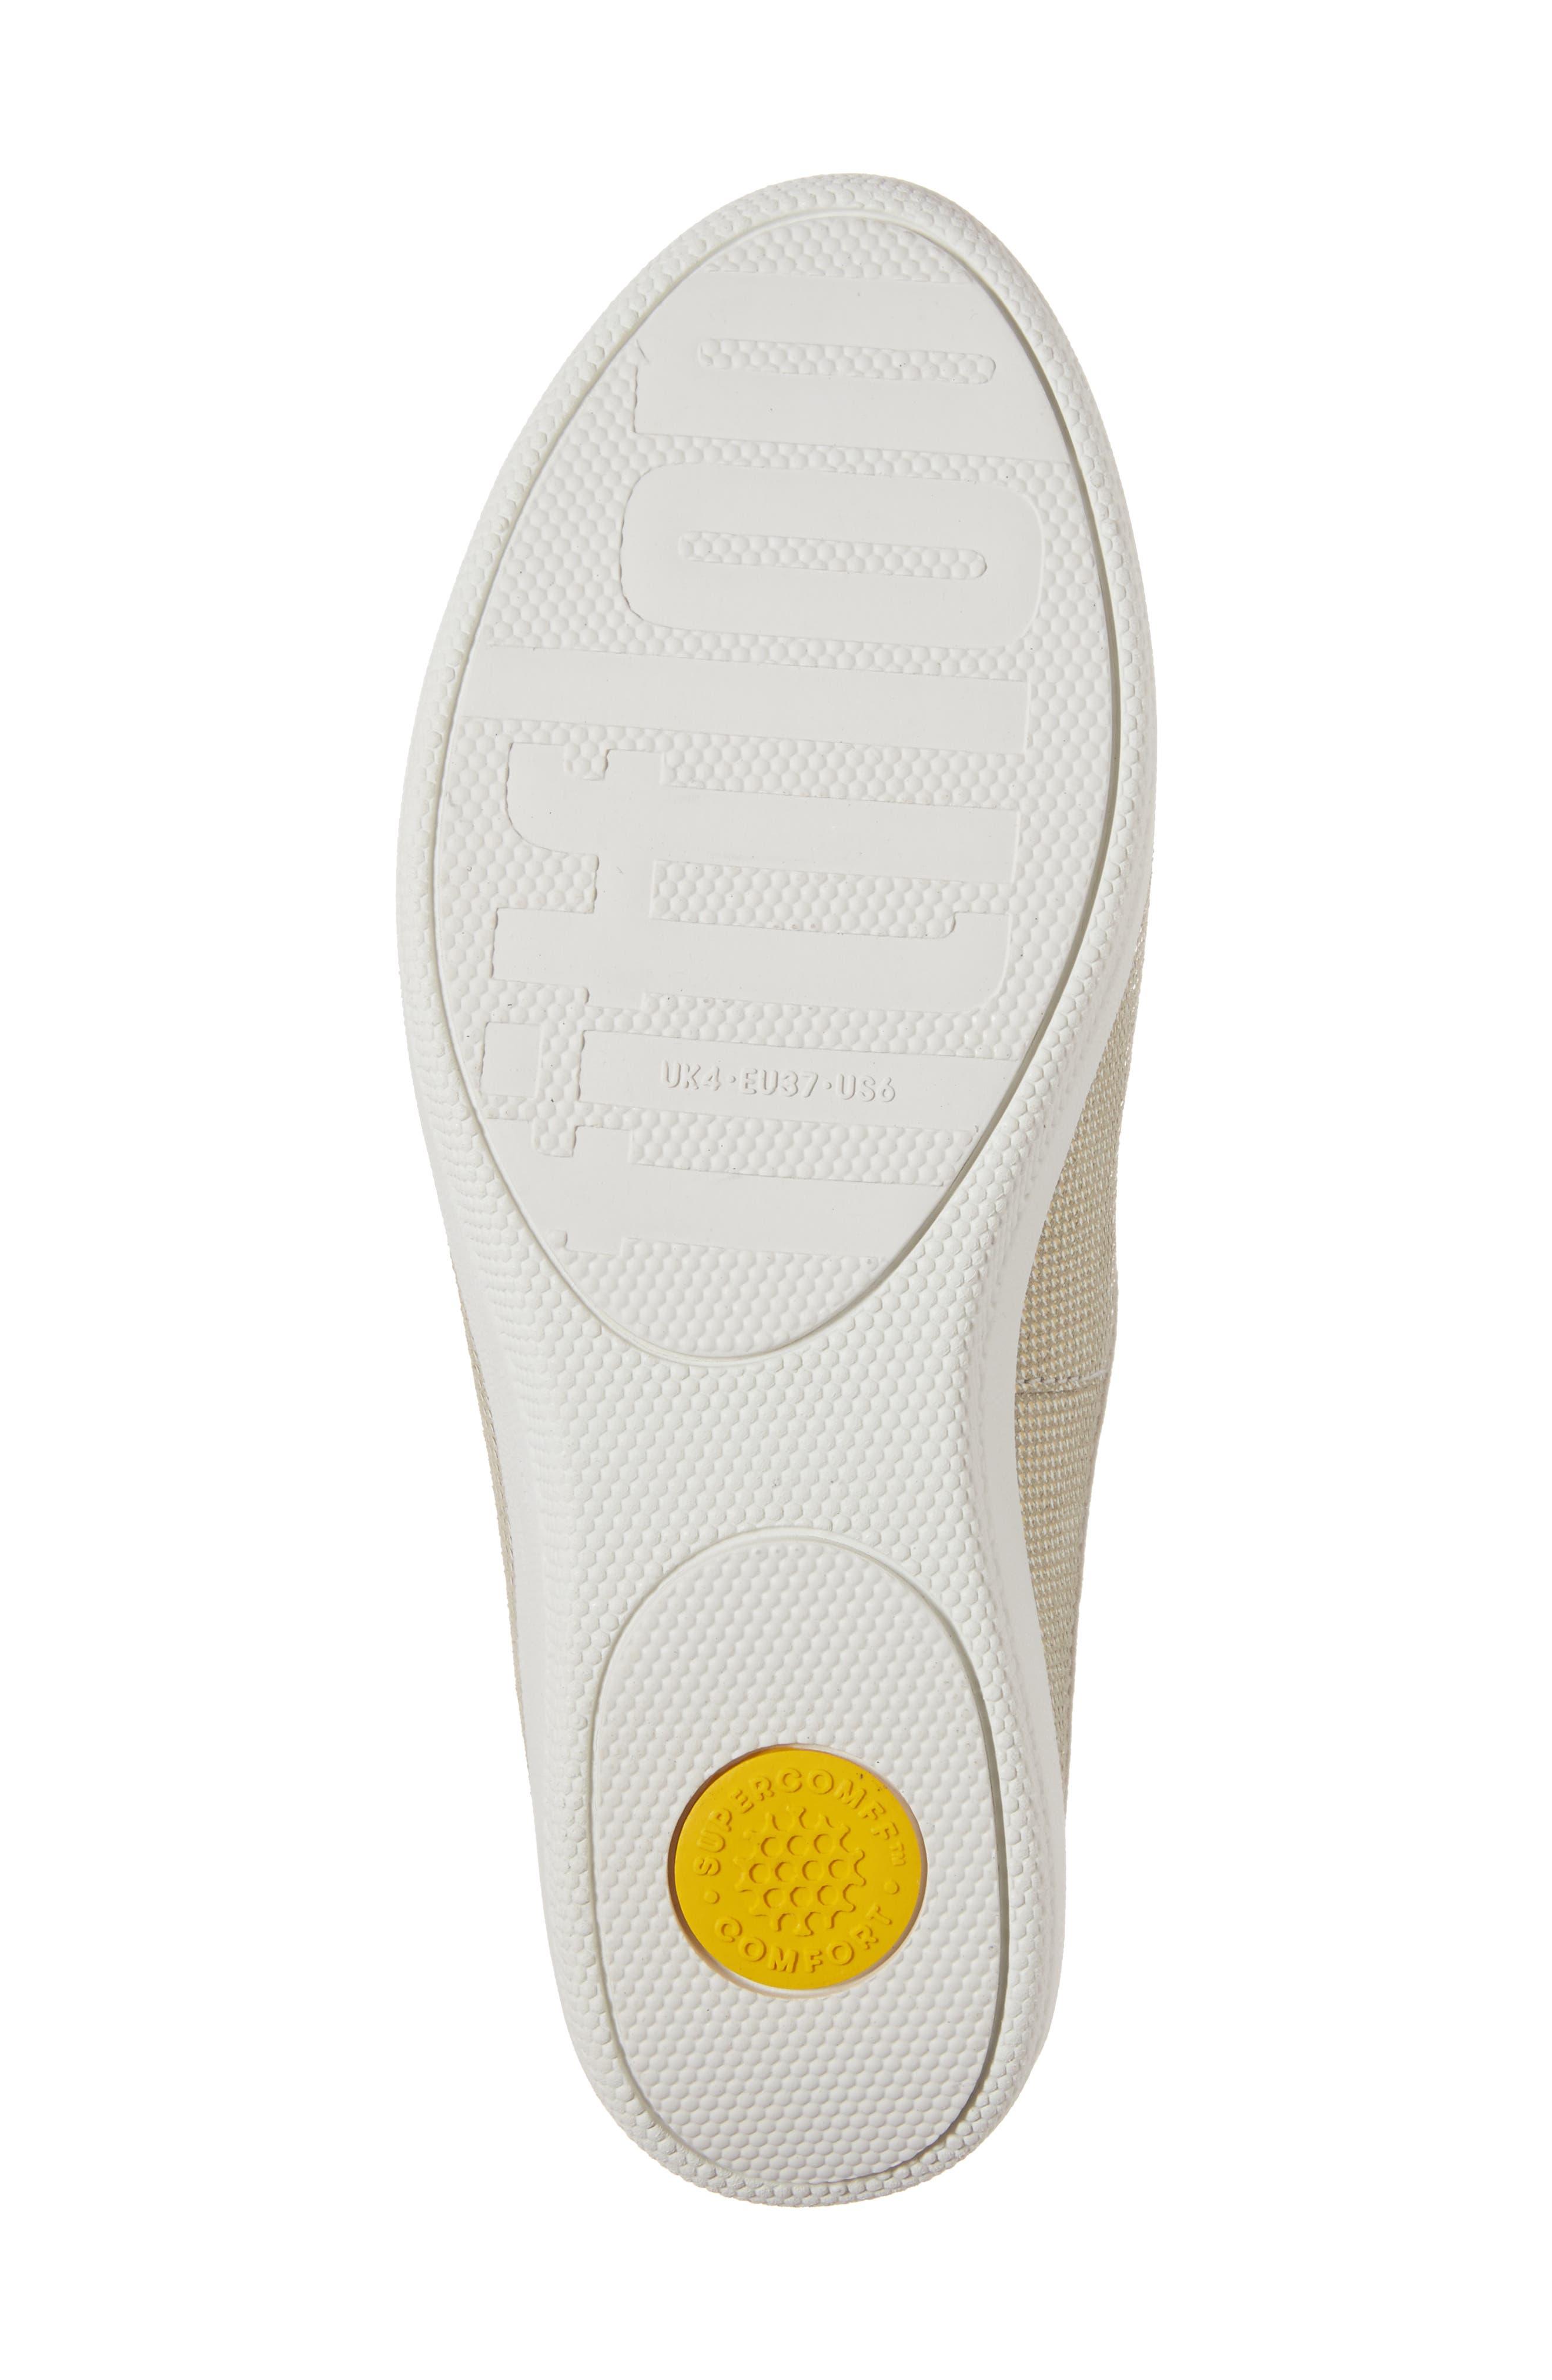 Superskate Slip-On Sneaker,                             Alternate thumbnail 21, color,